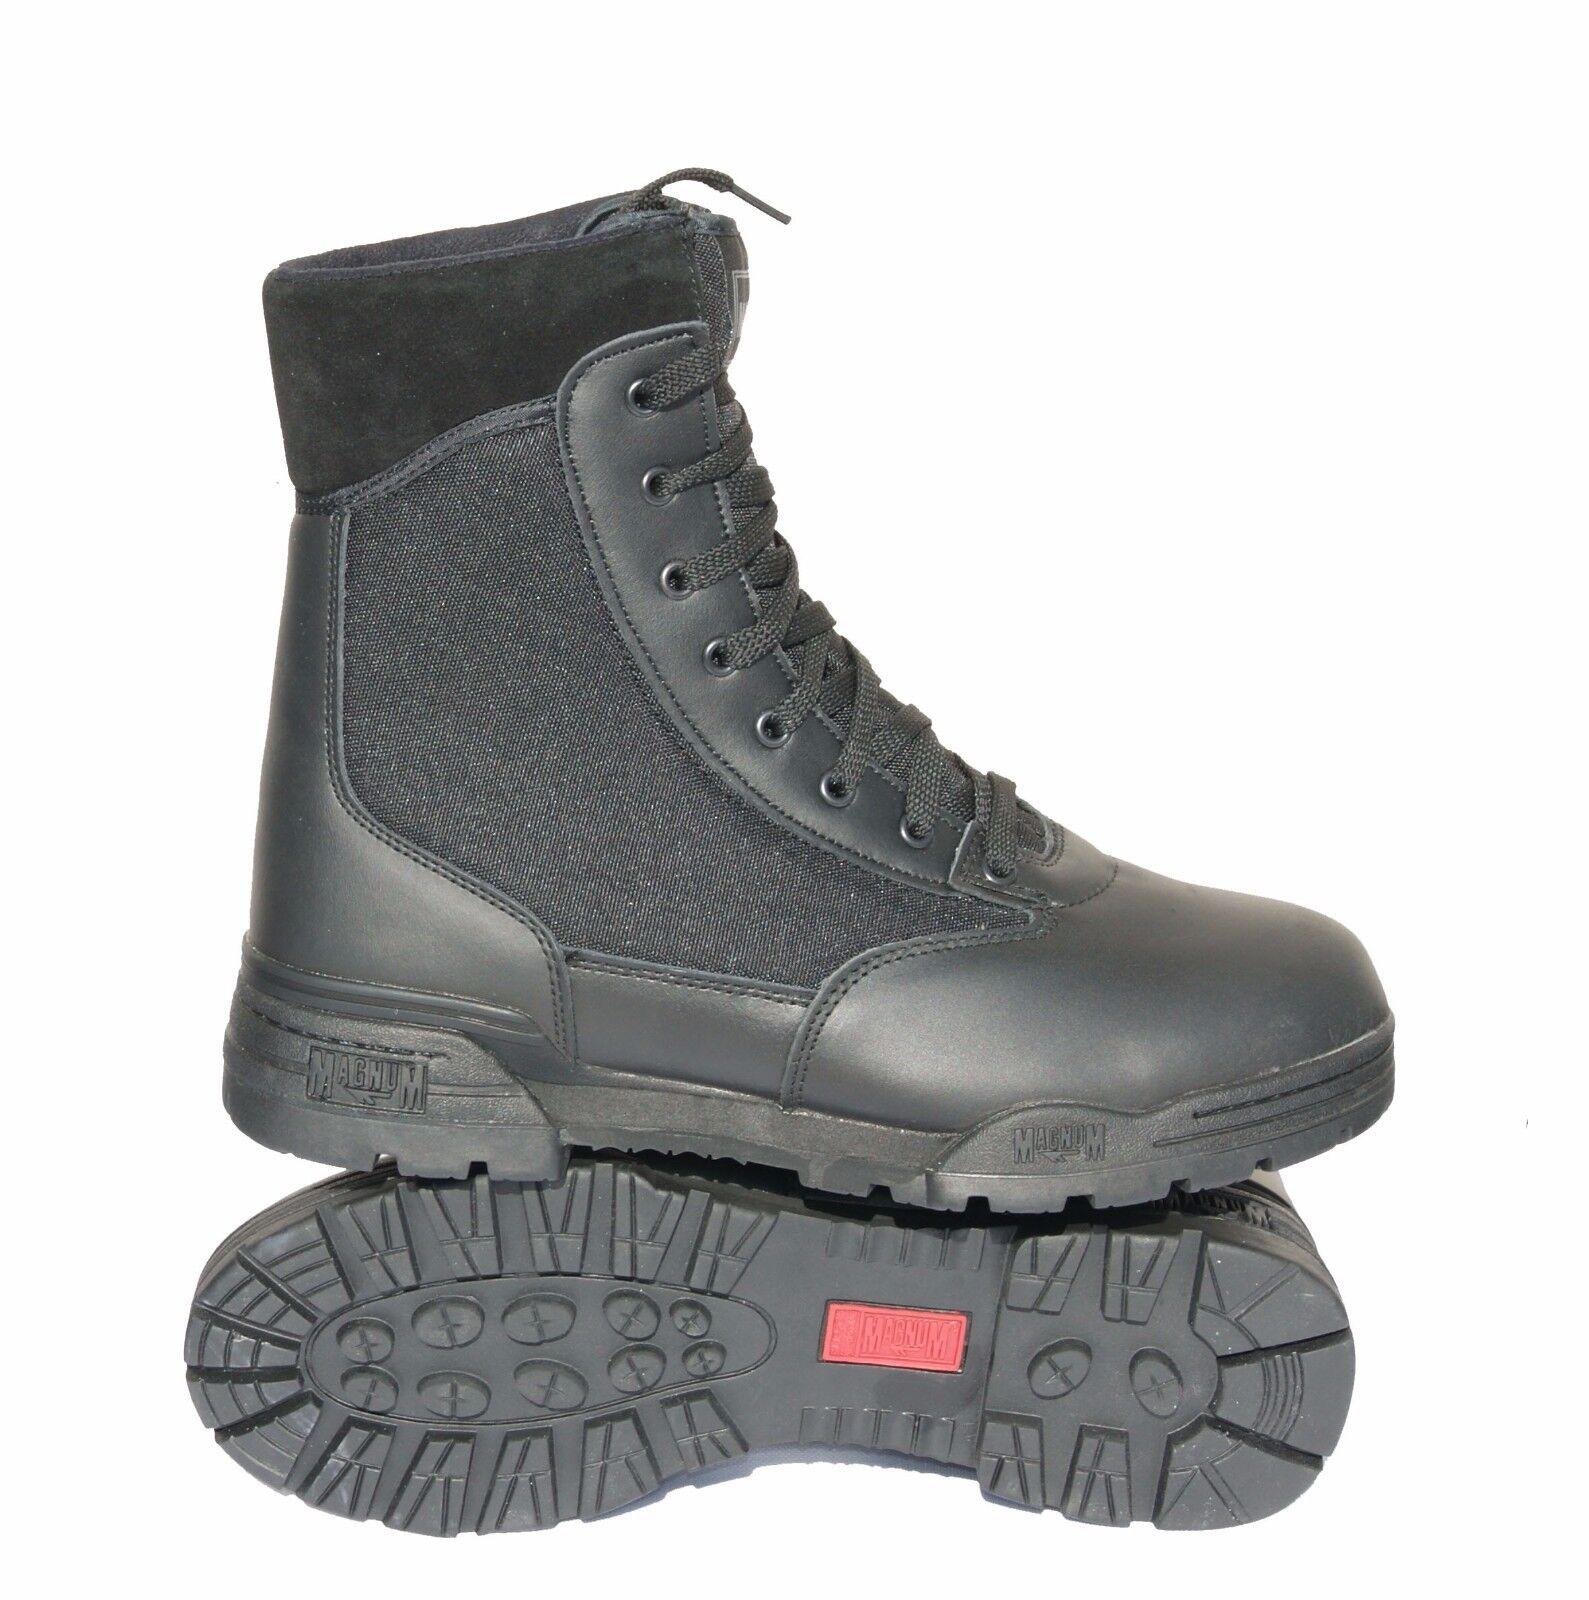 HITEC MAGNUM CLASSIC BOOTS BLACK HI TEC MILITARY POLICE ARMY CADETS PARAMEDIC NA